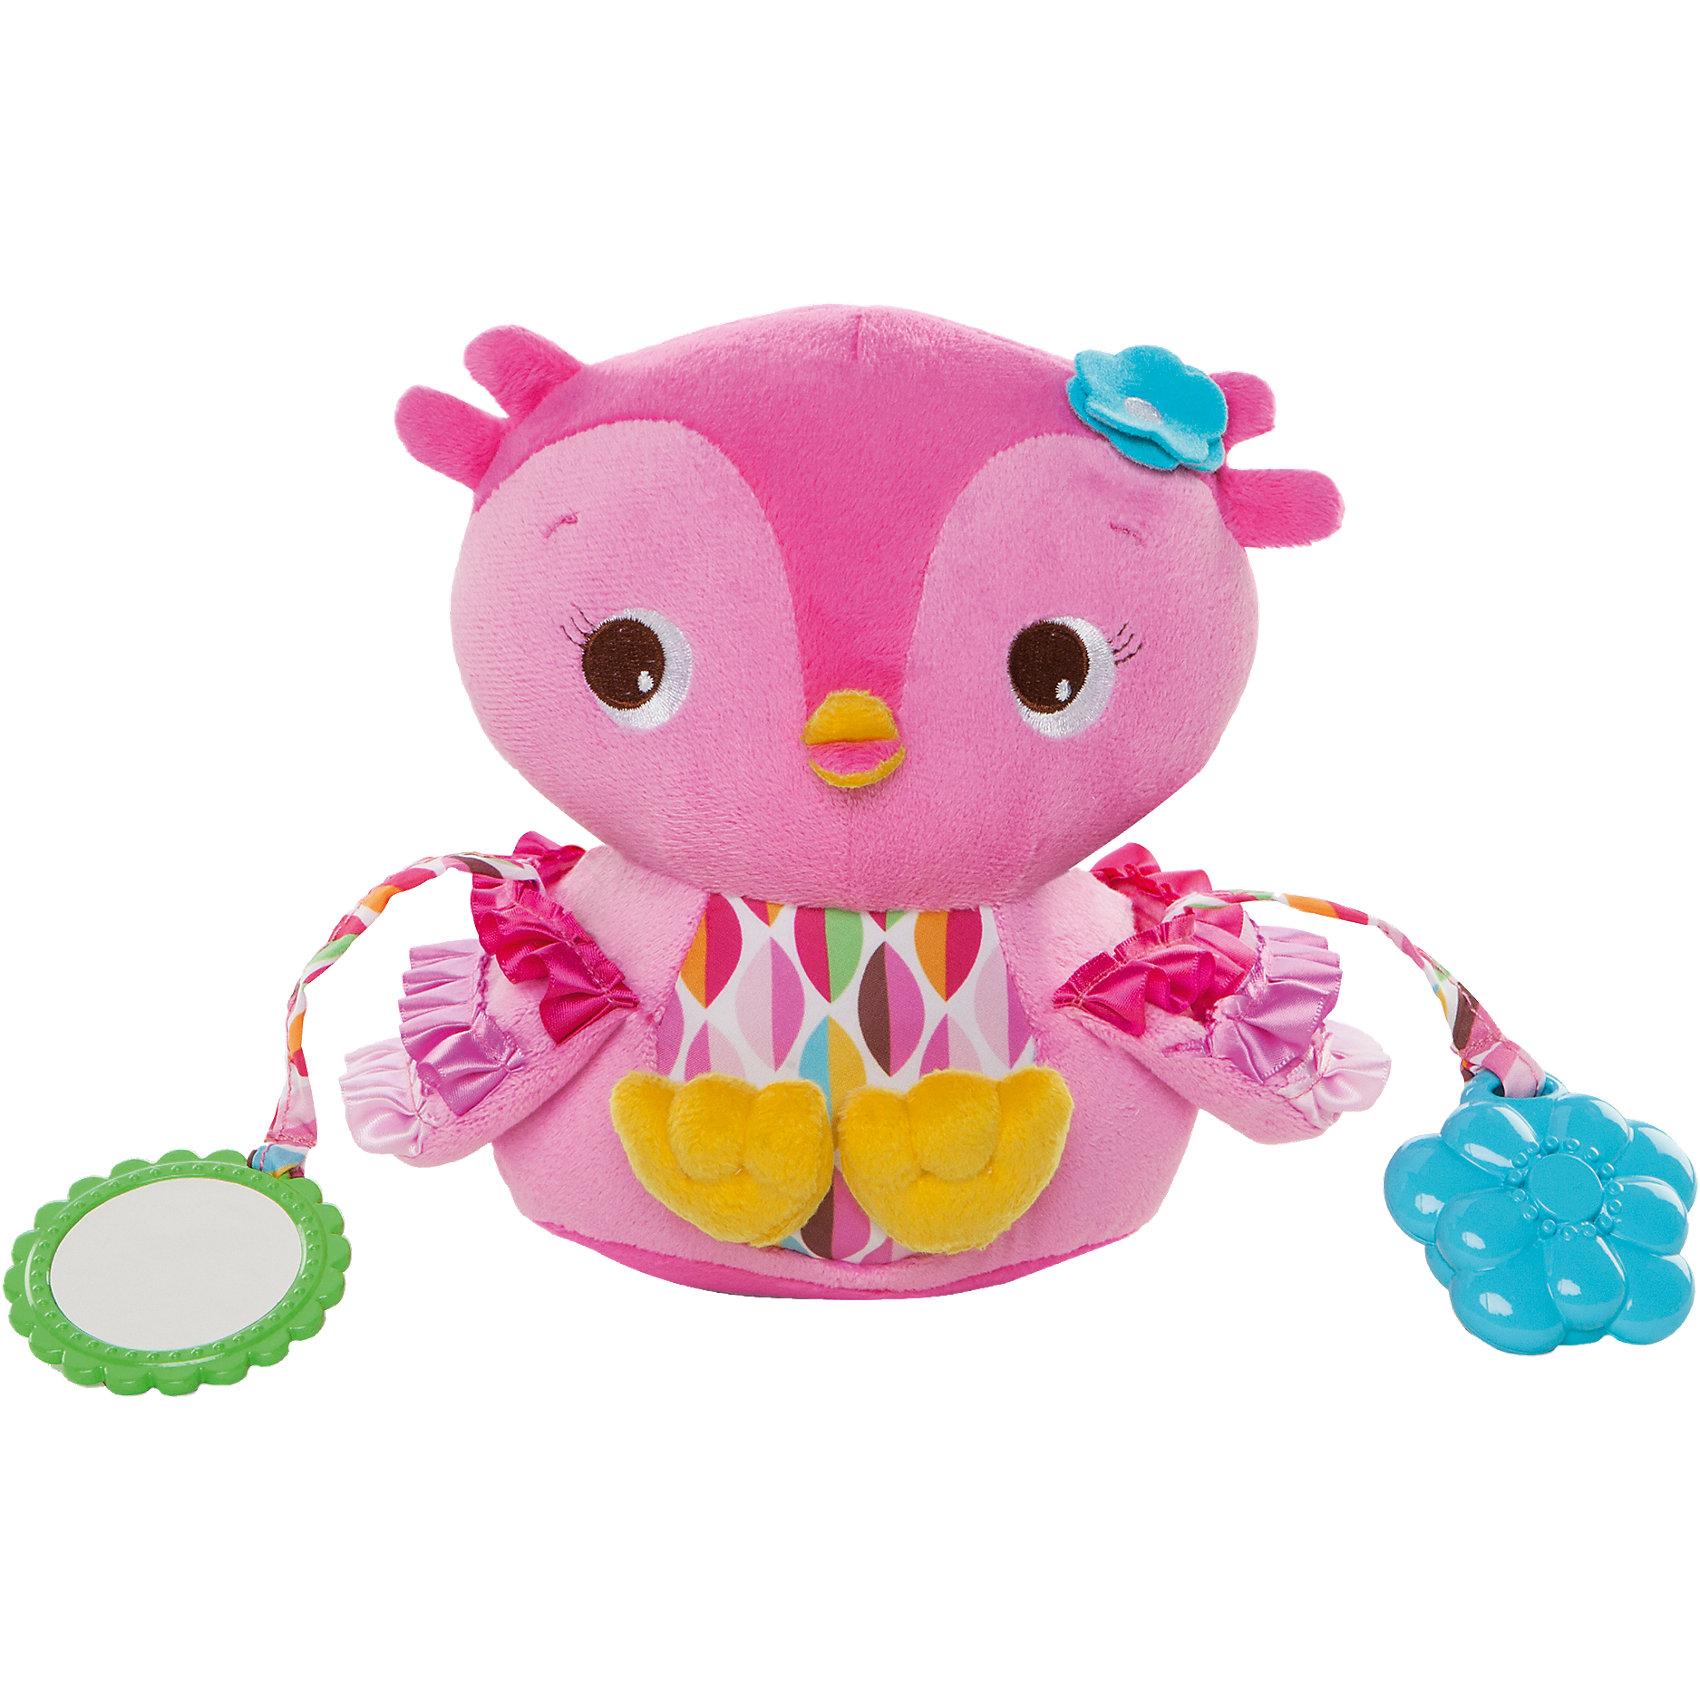 Развивающая игрушка «Совушка», Bright StartsРазвивающие игрушки<br>Яркая развивающая игрушка Совушка, Bright Starts, непременно привлечет внимание Вашего малыша. Забавная птичка сшита из мягких, приятных на ощупь текстильных материалов, имеет привлекательную ярко-розовую расцветку. Множество интересных деталей заинтересуют ребенка и будут способствовать развитию его познавательных способностей. Животик совы издает шуршащие звуки, крылышки выполнены в виде кармашков, куда малыш может прятать мелкие предметы. К игрушке прикреплены безопасное зеркальце, погремушка в виде цветочка и прорезыватель для зубов. Внутри птички имеются звенящие элементы, поэтому ее можно использовать как погремушку. Игрушка развивает цветовое и звуковое восприятие, тактильные ощущения и мелкую моторику рук.<br><br>Дополнительная информация:<br><br>- Материал: текстиль.<br>- Размер игрушки: 16 х 14 х 11 см.<br>- Размер упаковки: 16 х 12 х 20,5 см. <br>- Вес: 0,205 кг.<br><br>Развивающую игрушку Совушка, Bright Starts, можно купить в нашем интернет-магазине.<br><br>Ширина мм: 224<br>Глубина мм: 190<br>Высота мм: 132<br>Вес г: 201<br>Возраст от месяцев: 0<br>Возраст до месяцев: 36<br>Пол: Женский<br>Возраст: Детский<br>SKU: 4222568